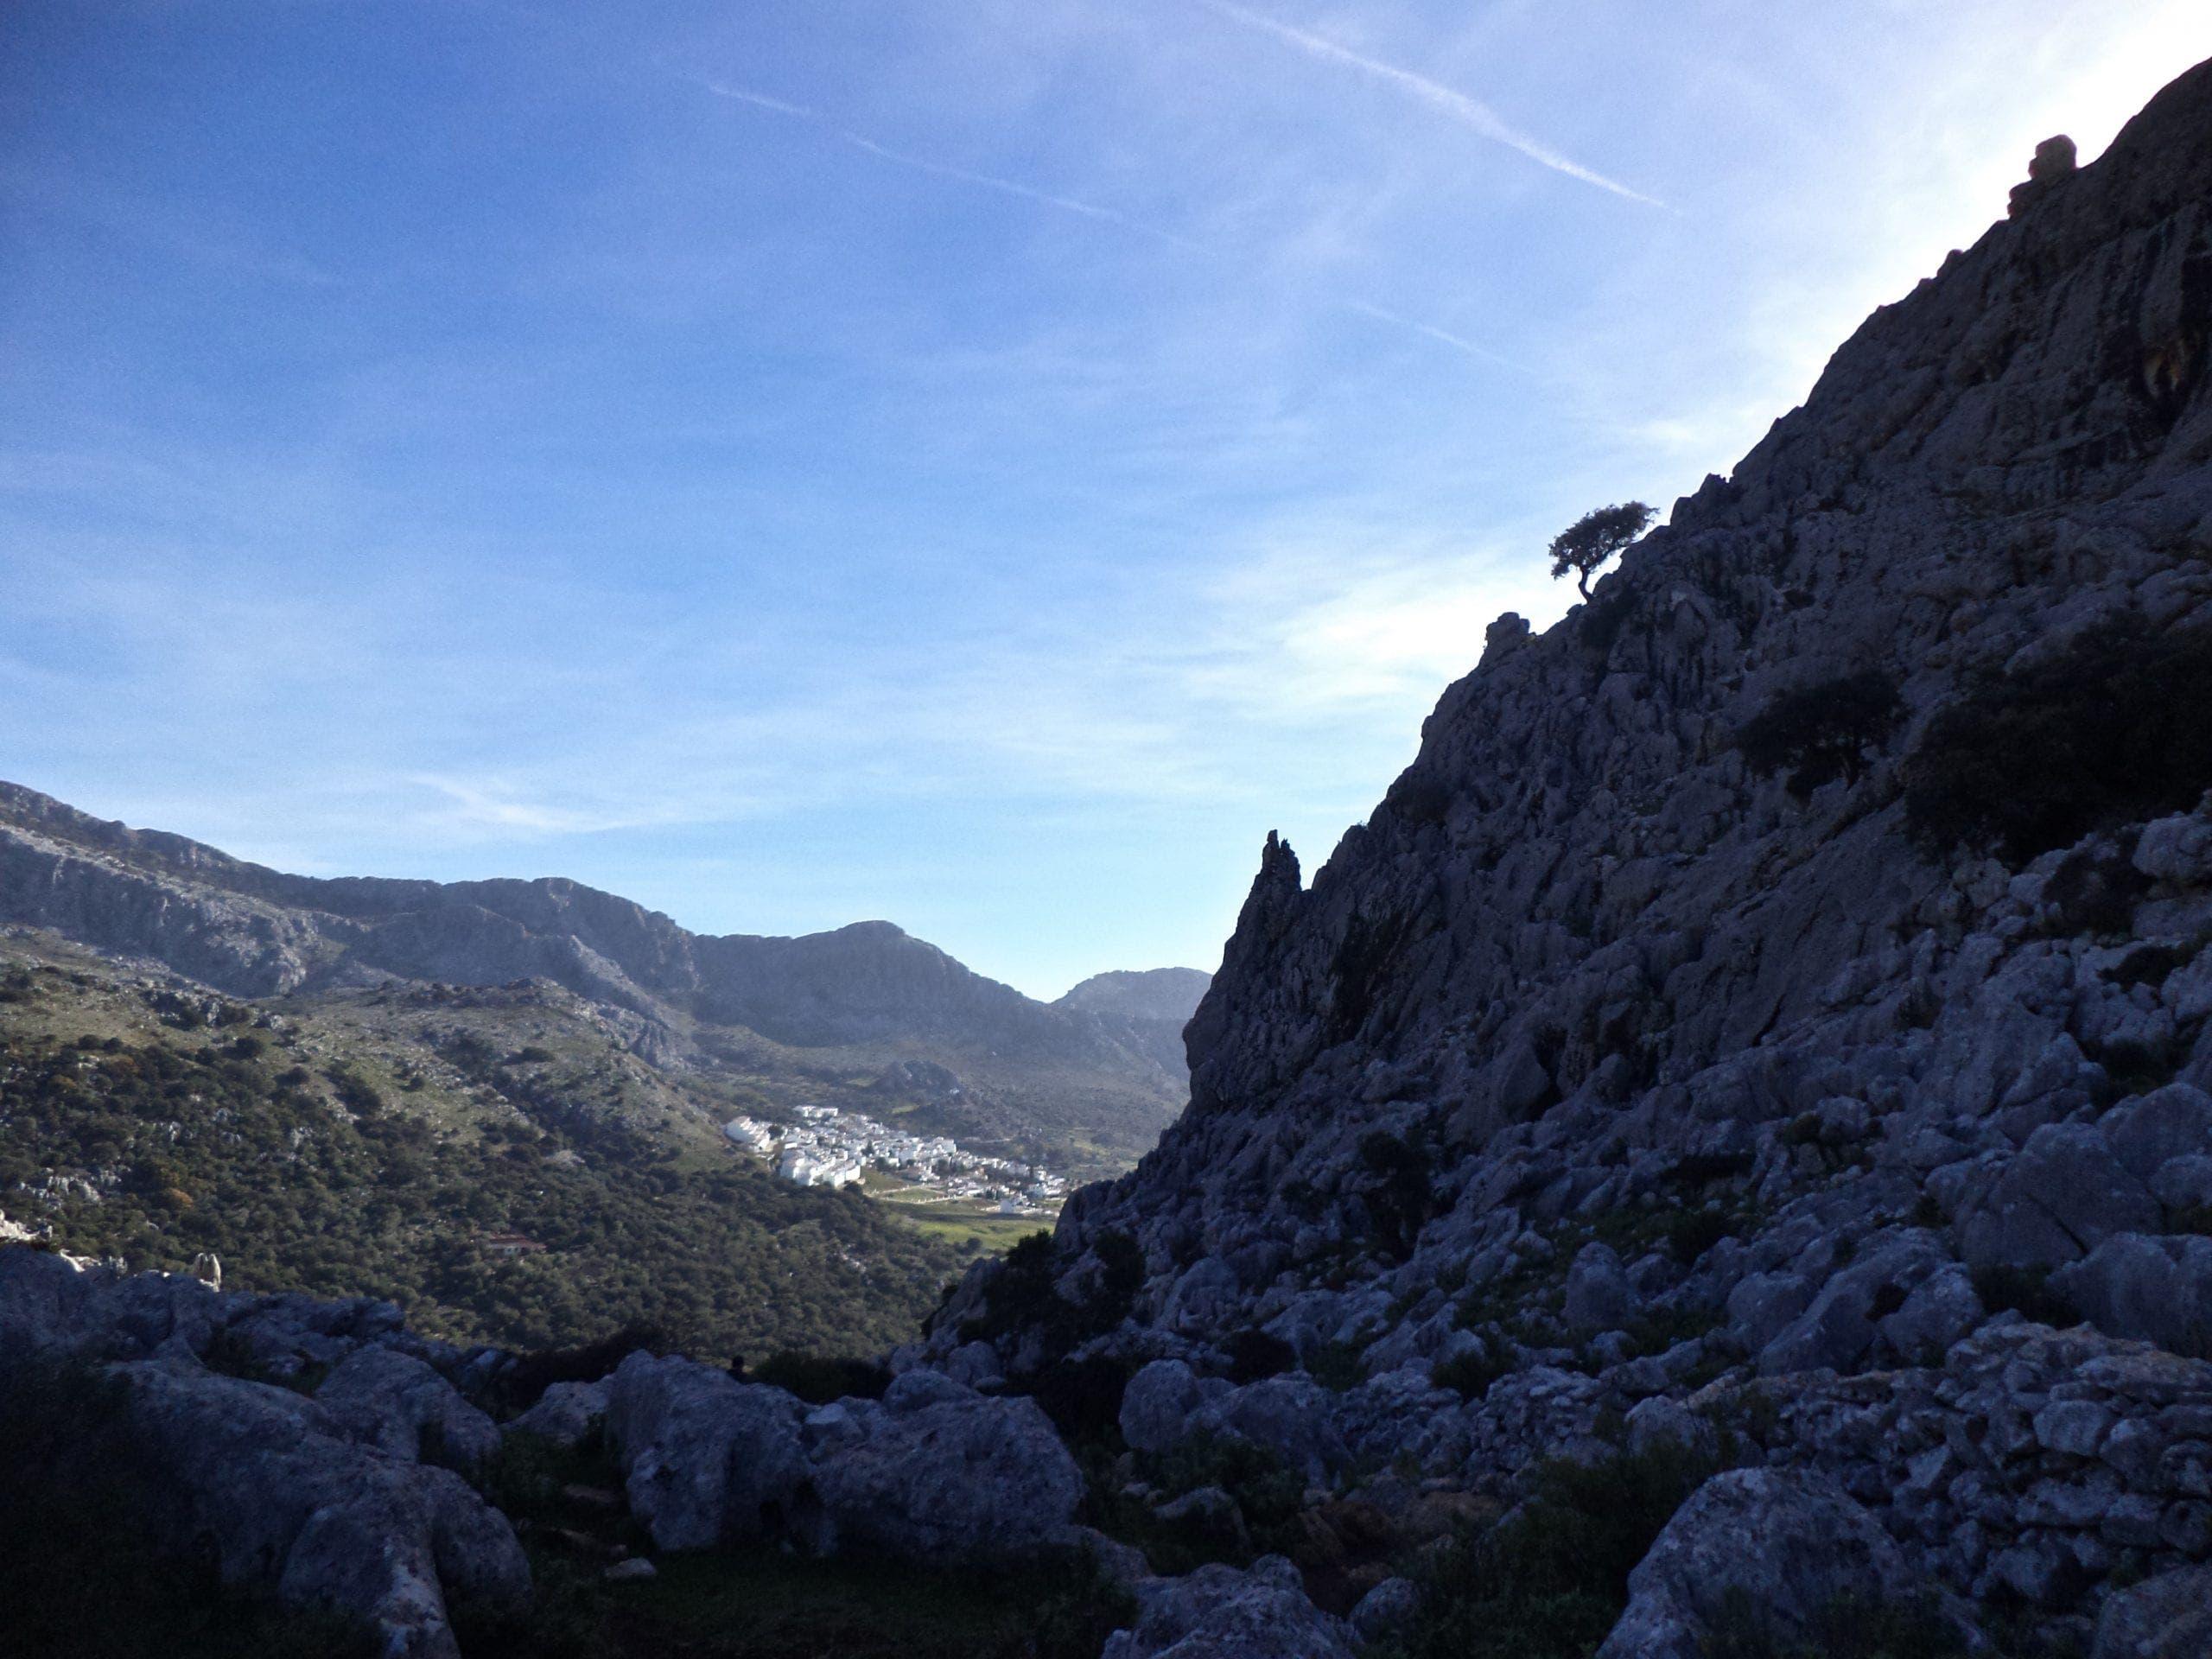 Pueblos Blancos Photo Karethe Linaae